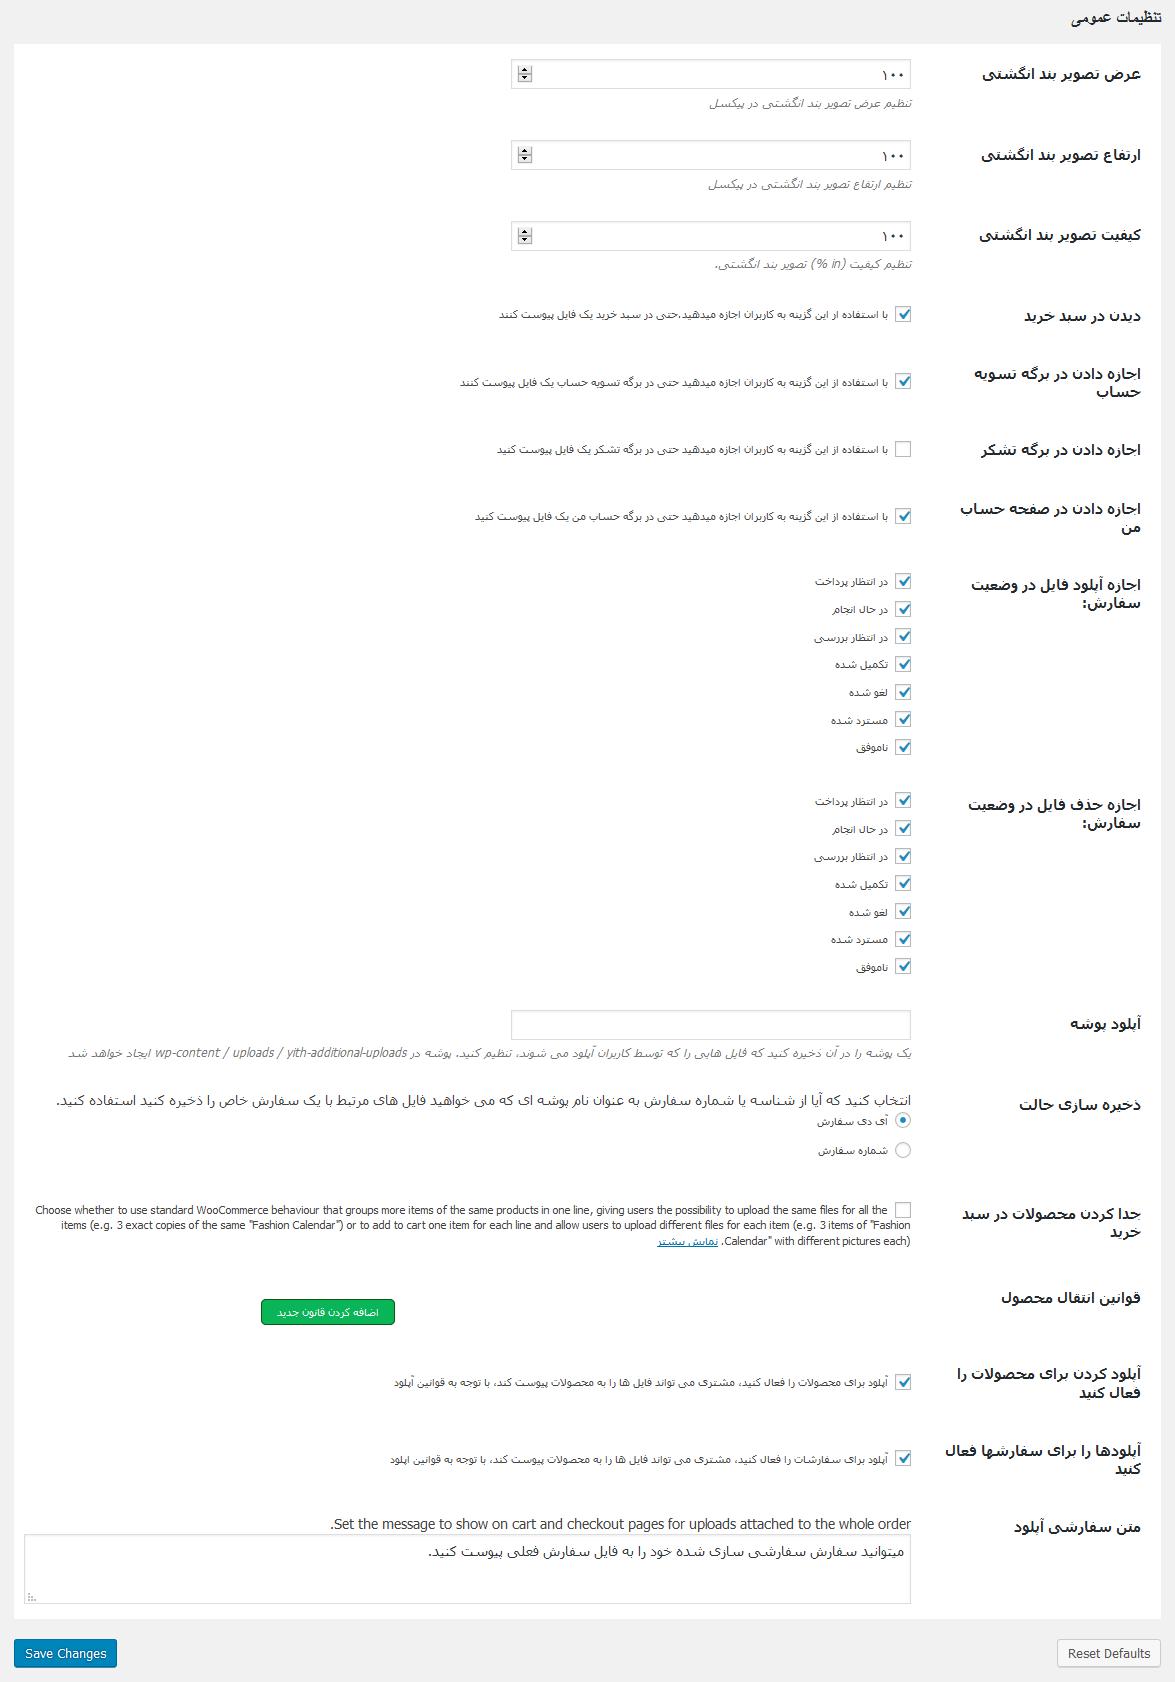 افزونه ارسال فایل مشتری ووکامرس